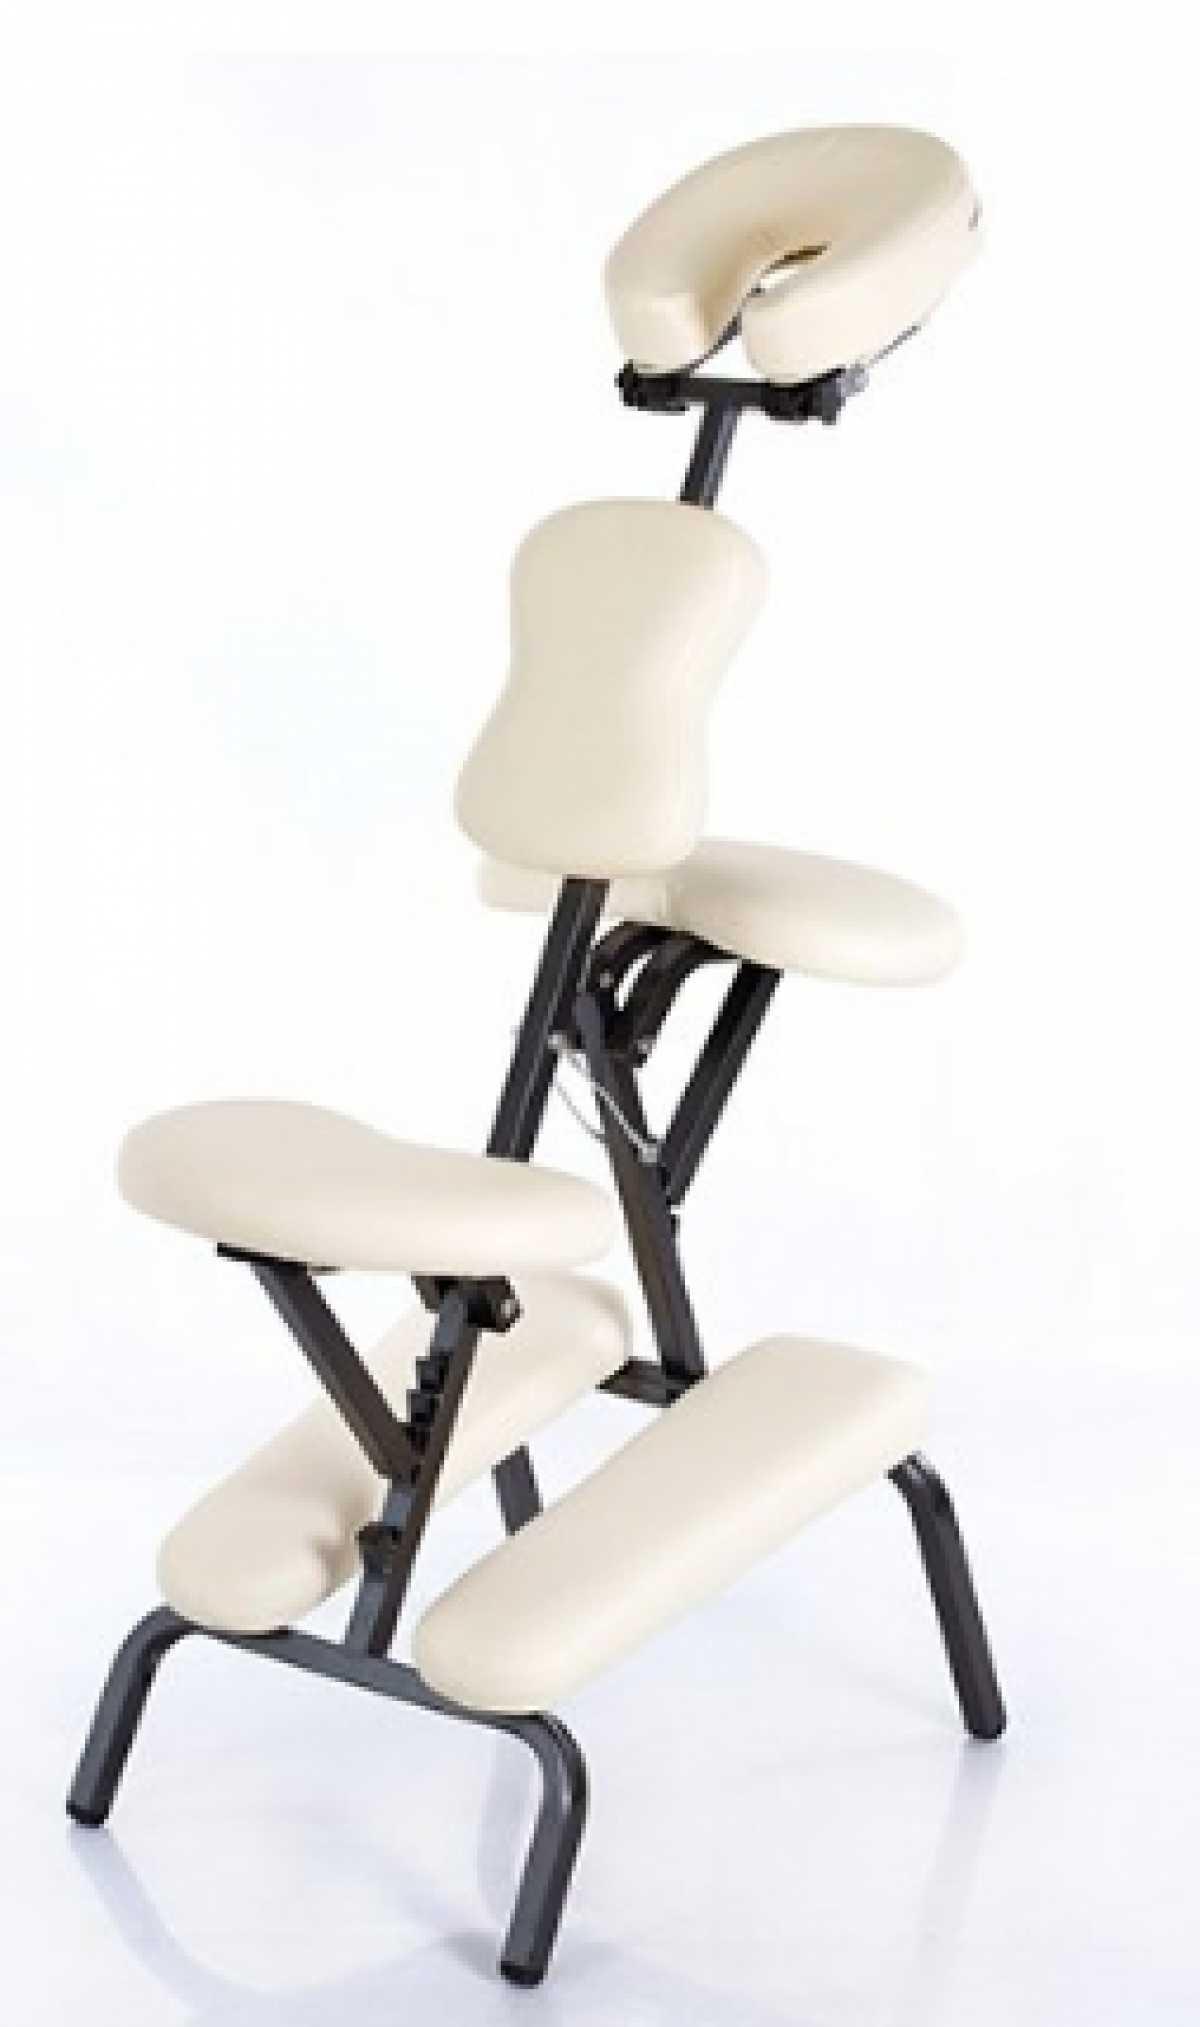 Terapi Sandalyesi, Krem